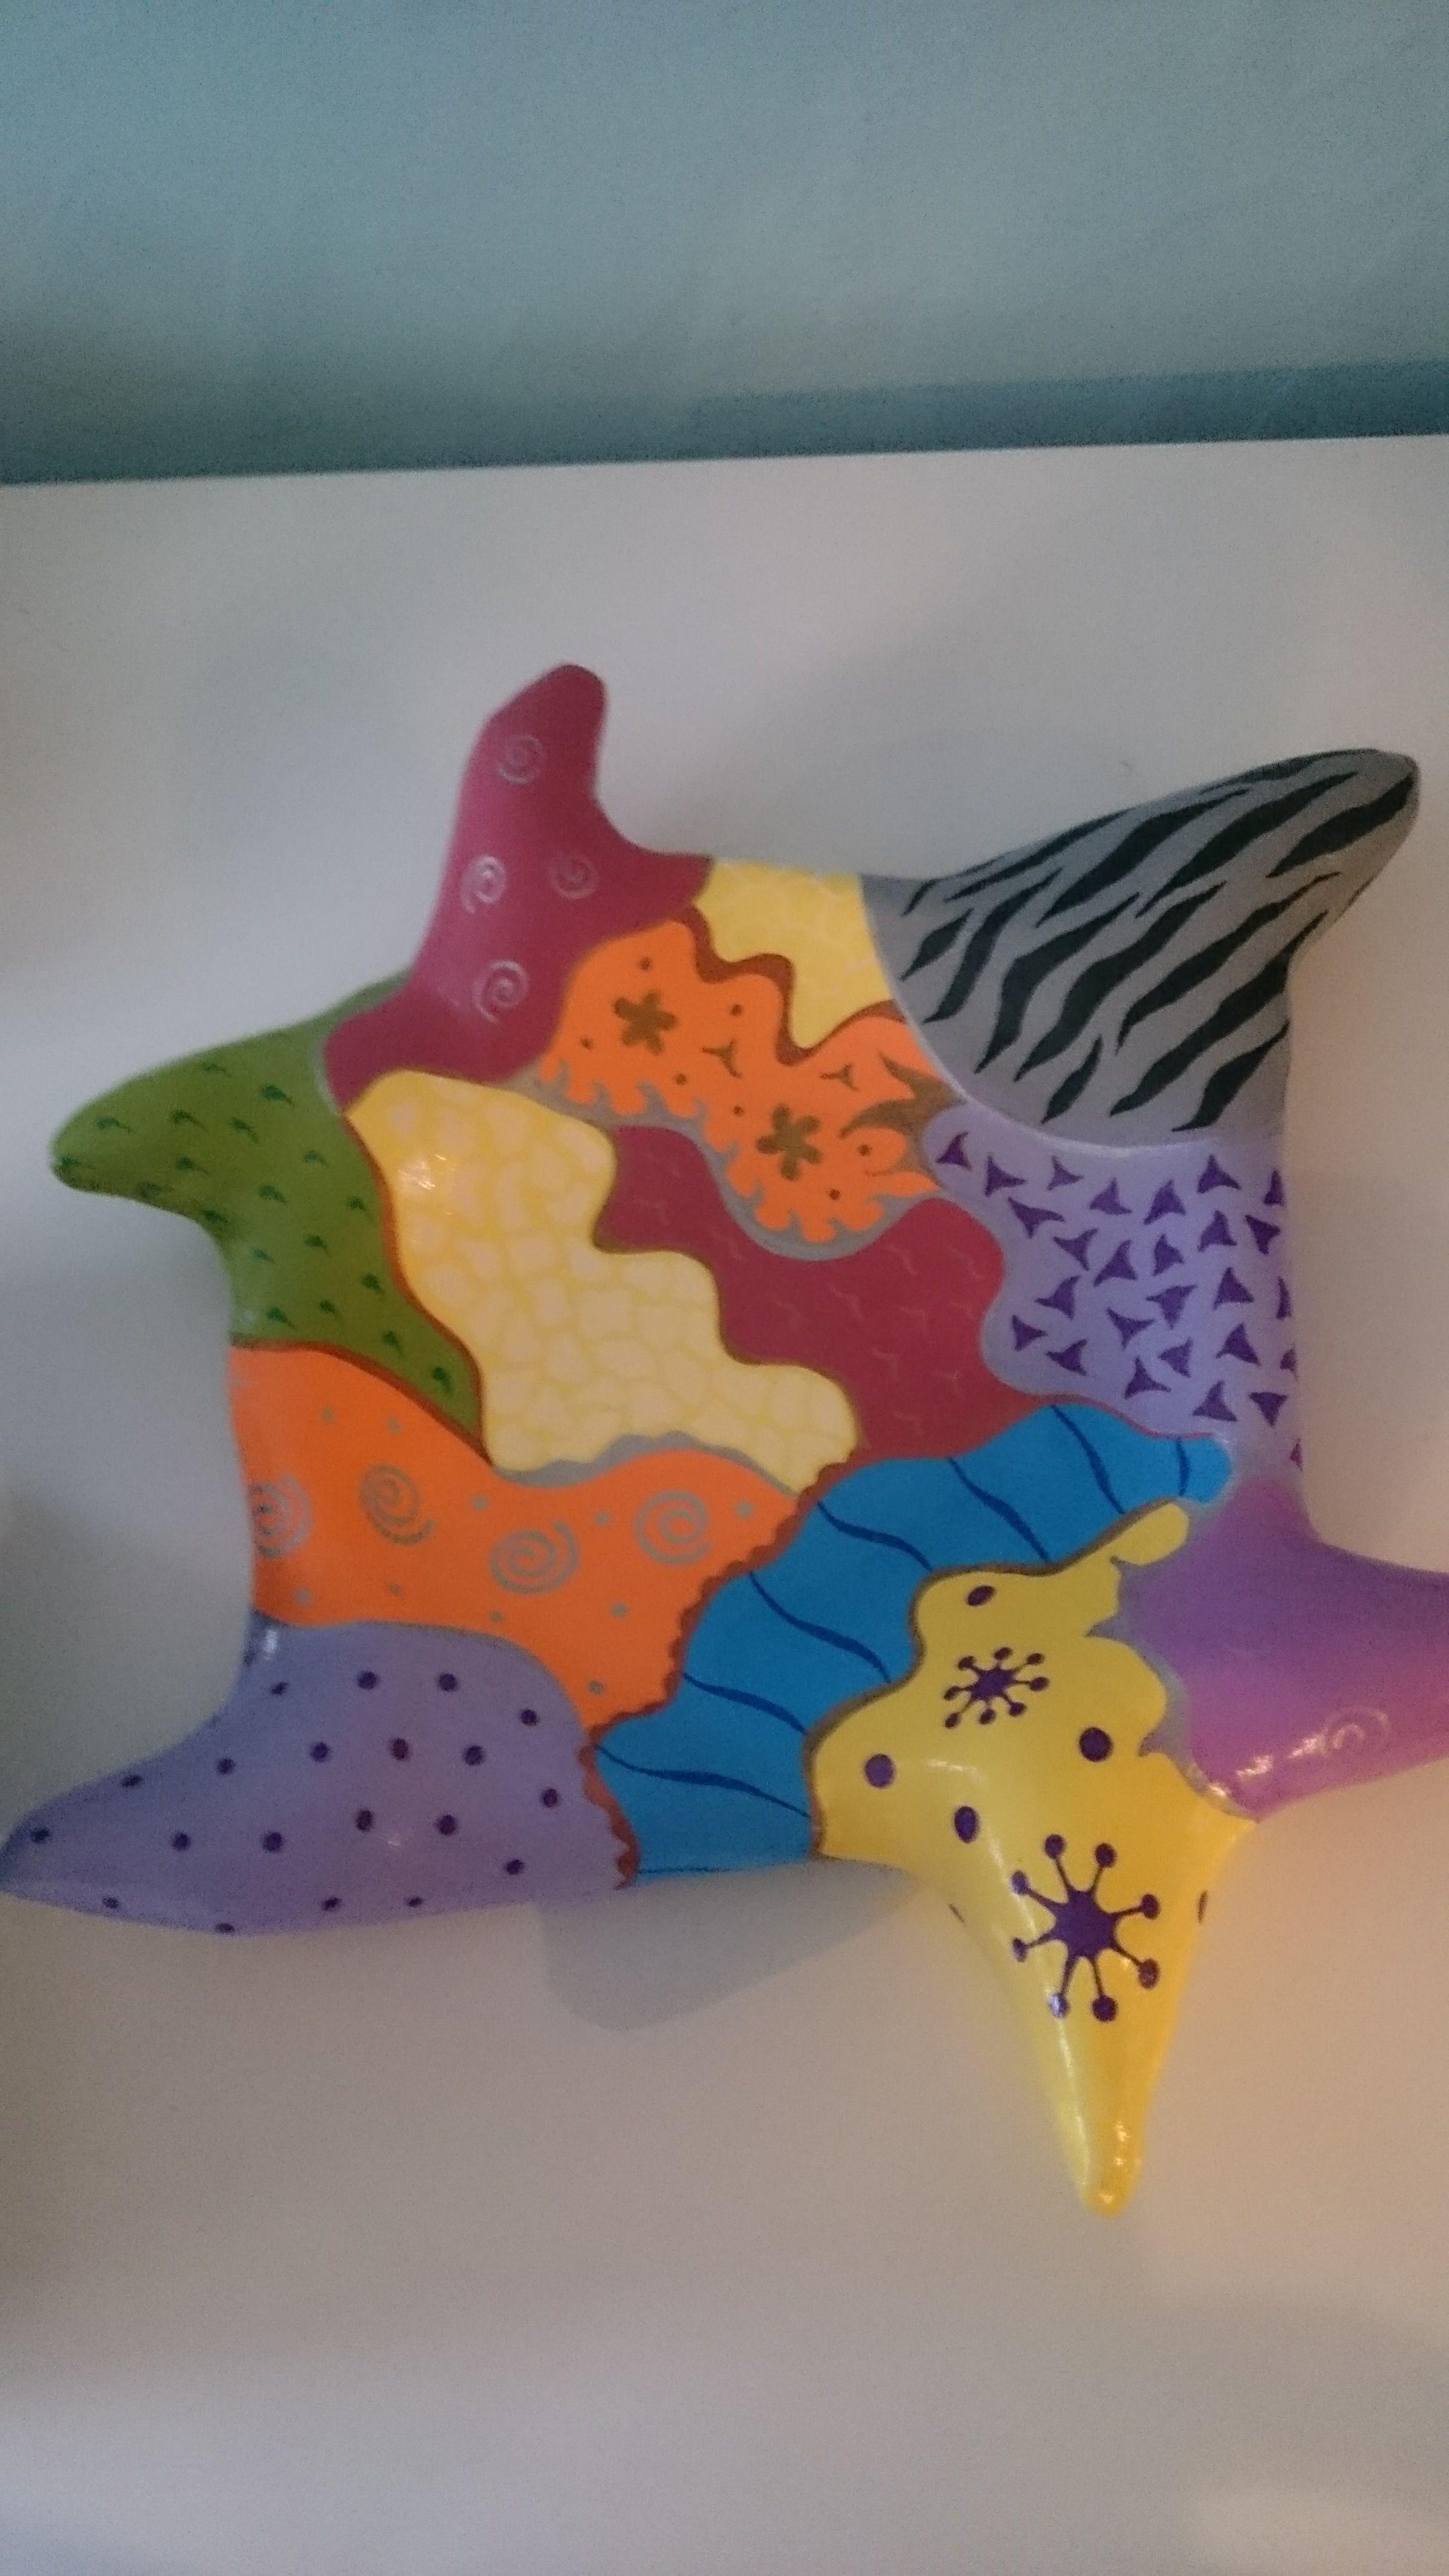 bunte Schale aus Maschendraht u. Baumarktmaterialien, Acrylfarben ...